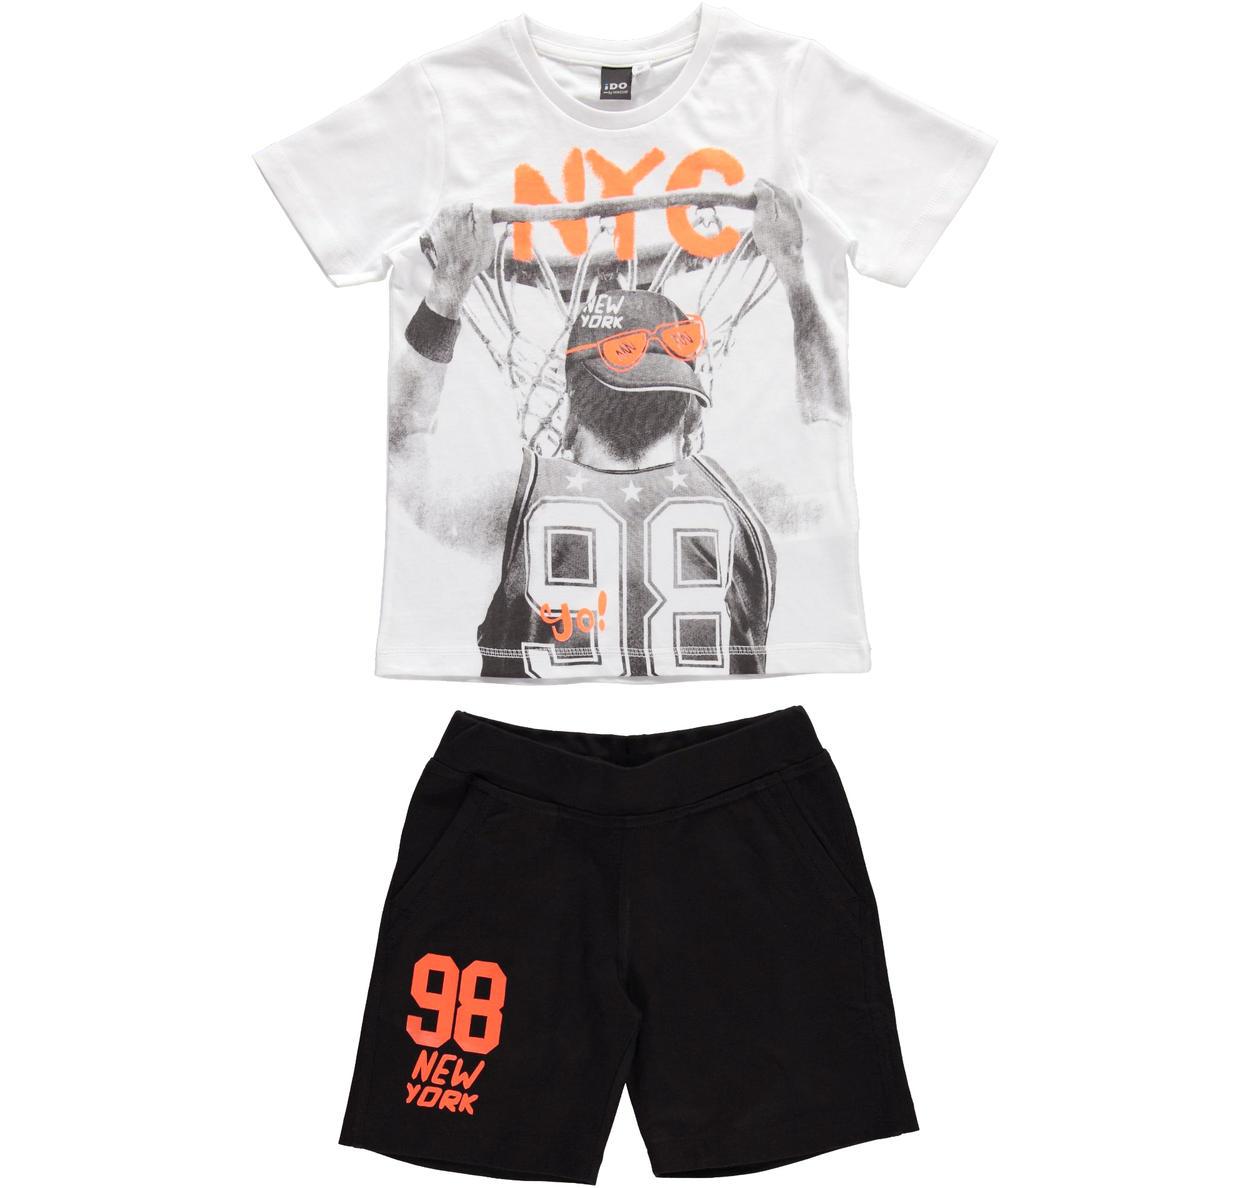 Completo 100% cotone con t-shirt stampa basket per bambino da 3 a 16 anni  iDO. VERDE-NERO-8376 back. BIANCO-NERO-8057 25b211b54f42